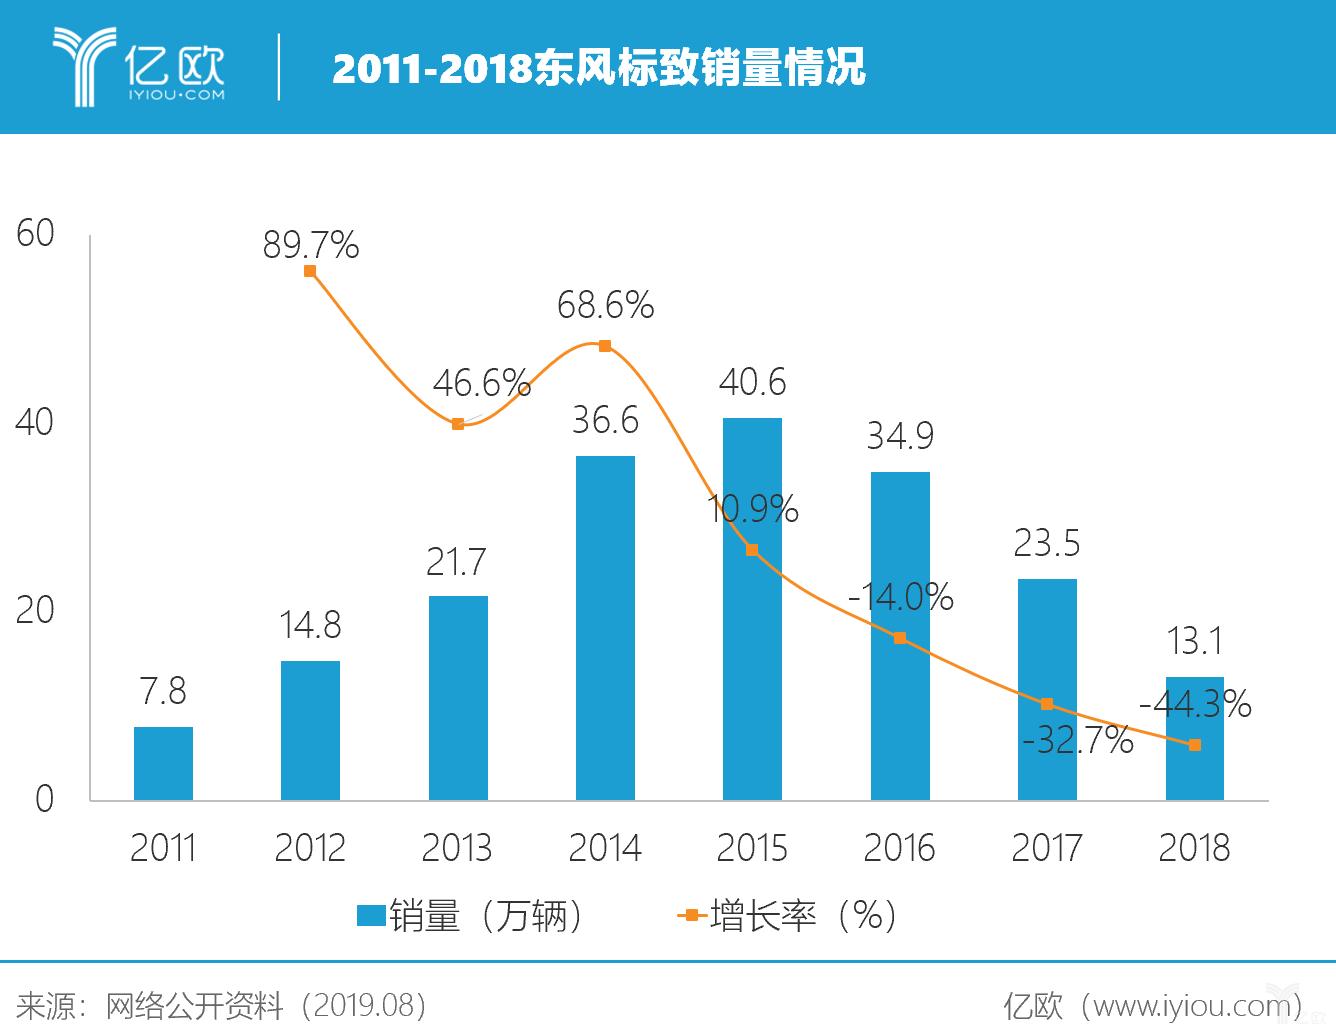 2011-2018东风标致销量情况